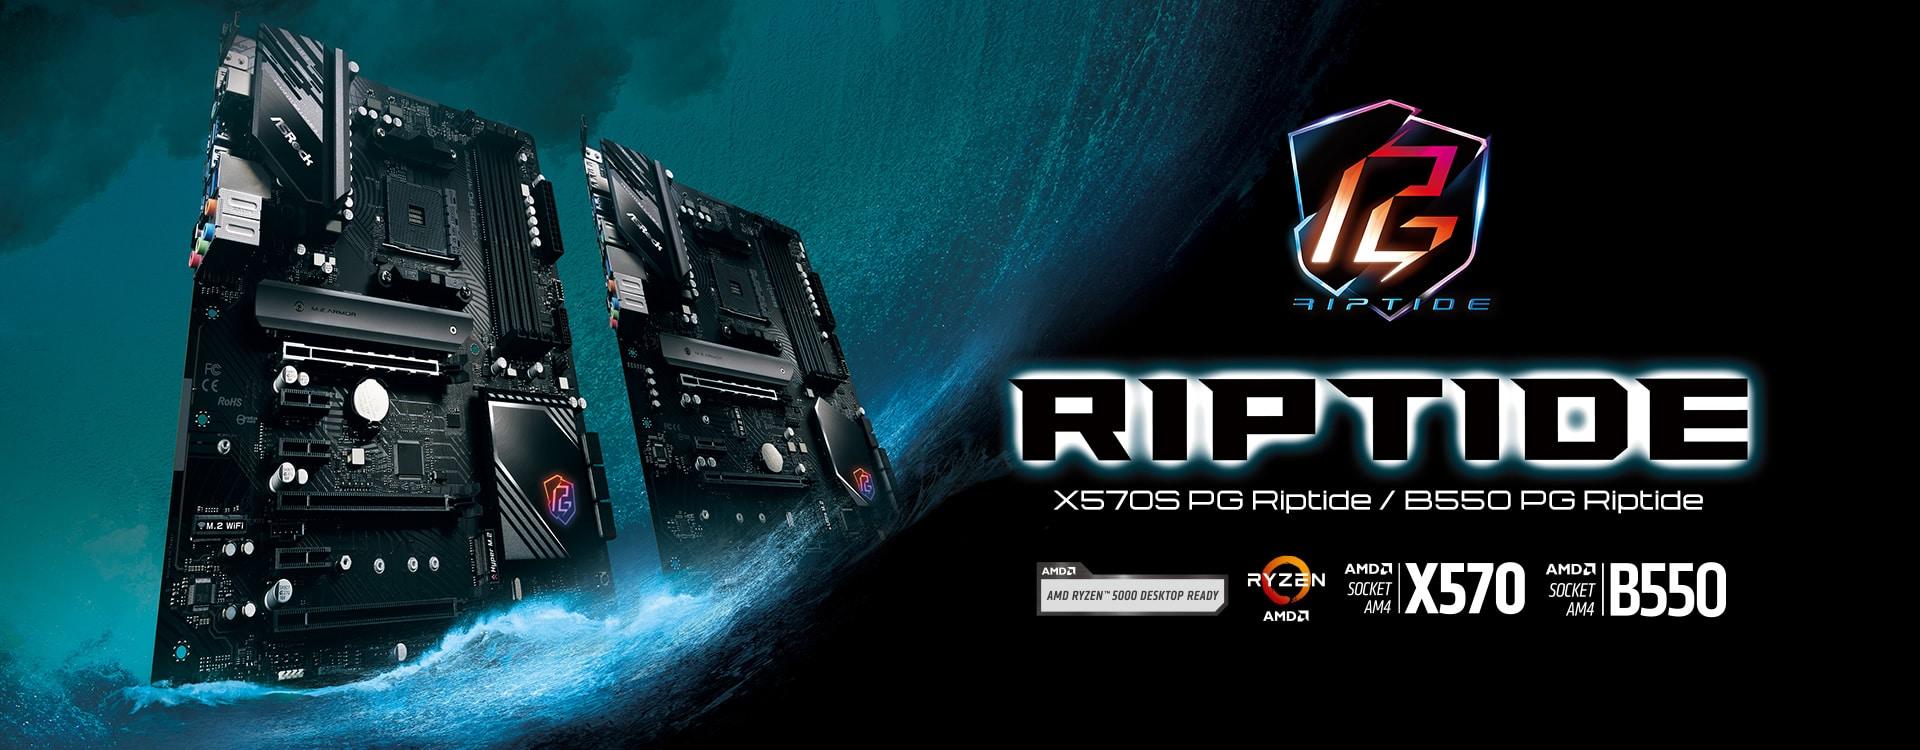 ASRock lanza sus placas base X570S PG Riptide y B550 PG Riptide